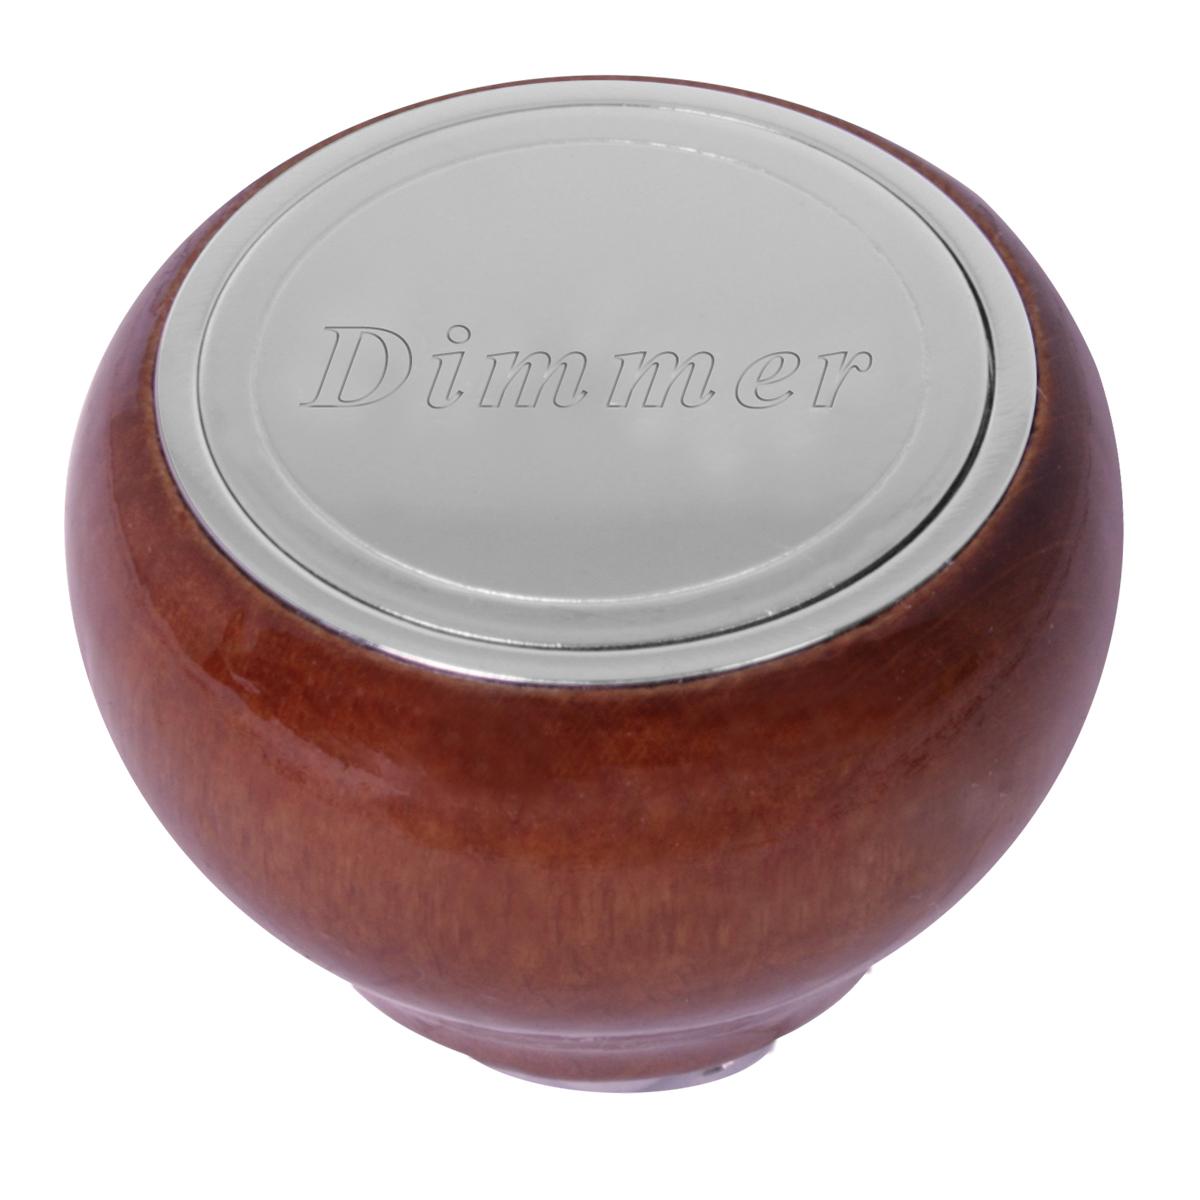 96033 Dashboard Control Knob w/ Dimmer Script